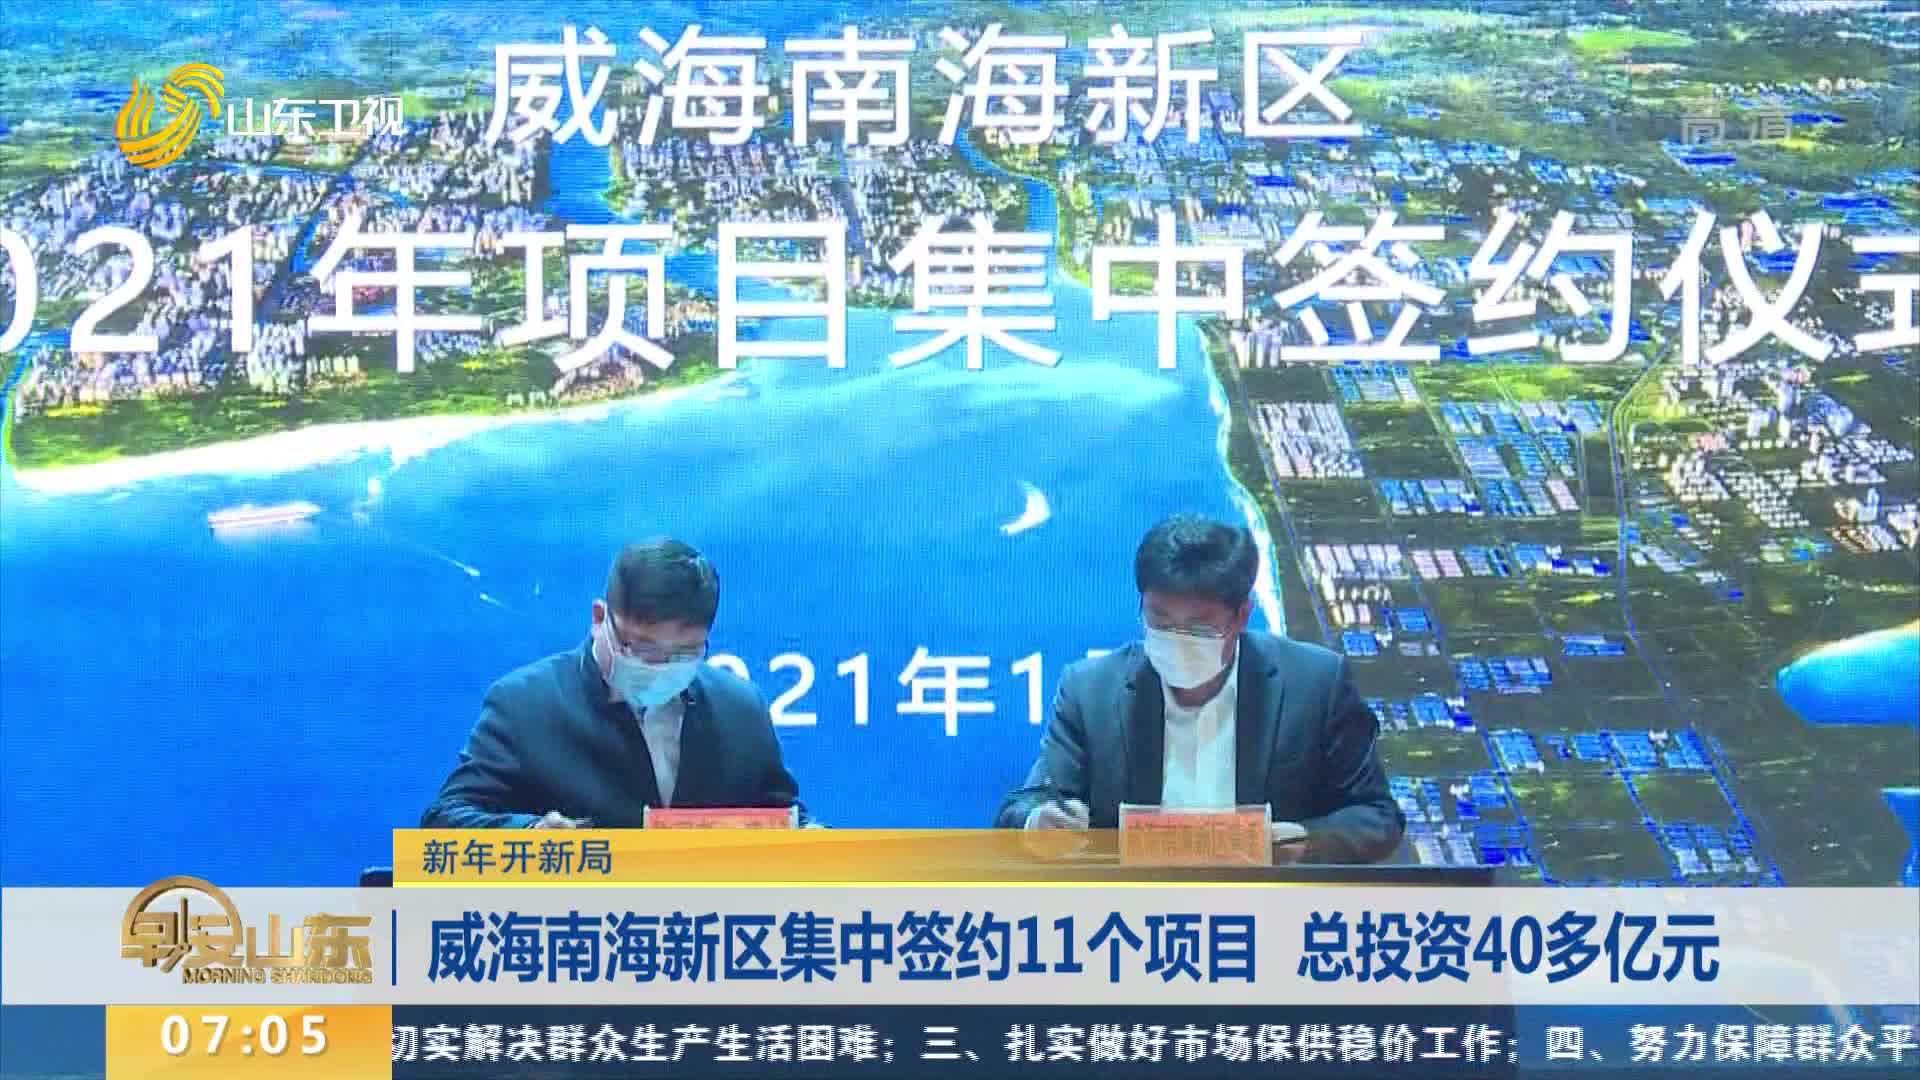 【新年开新局】威海南海新区集中签约11个项目 总投资40多亿元